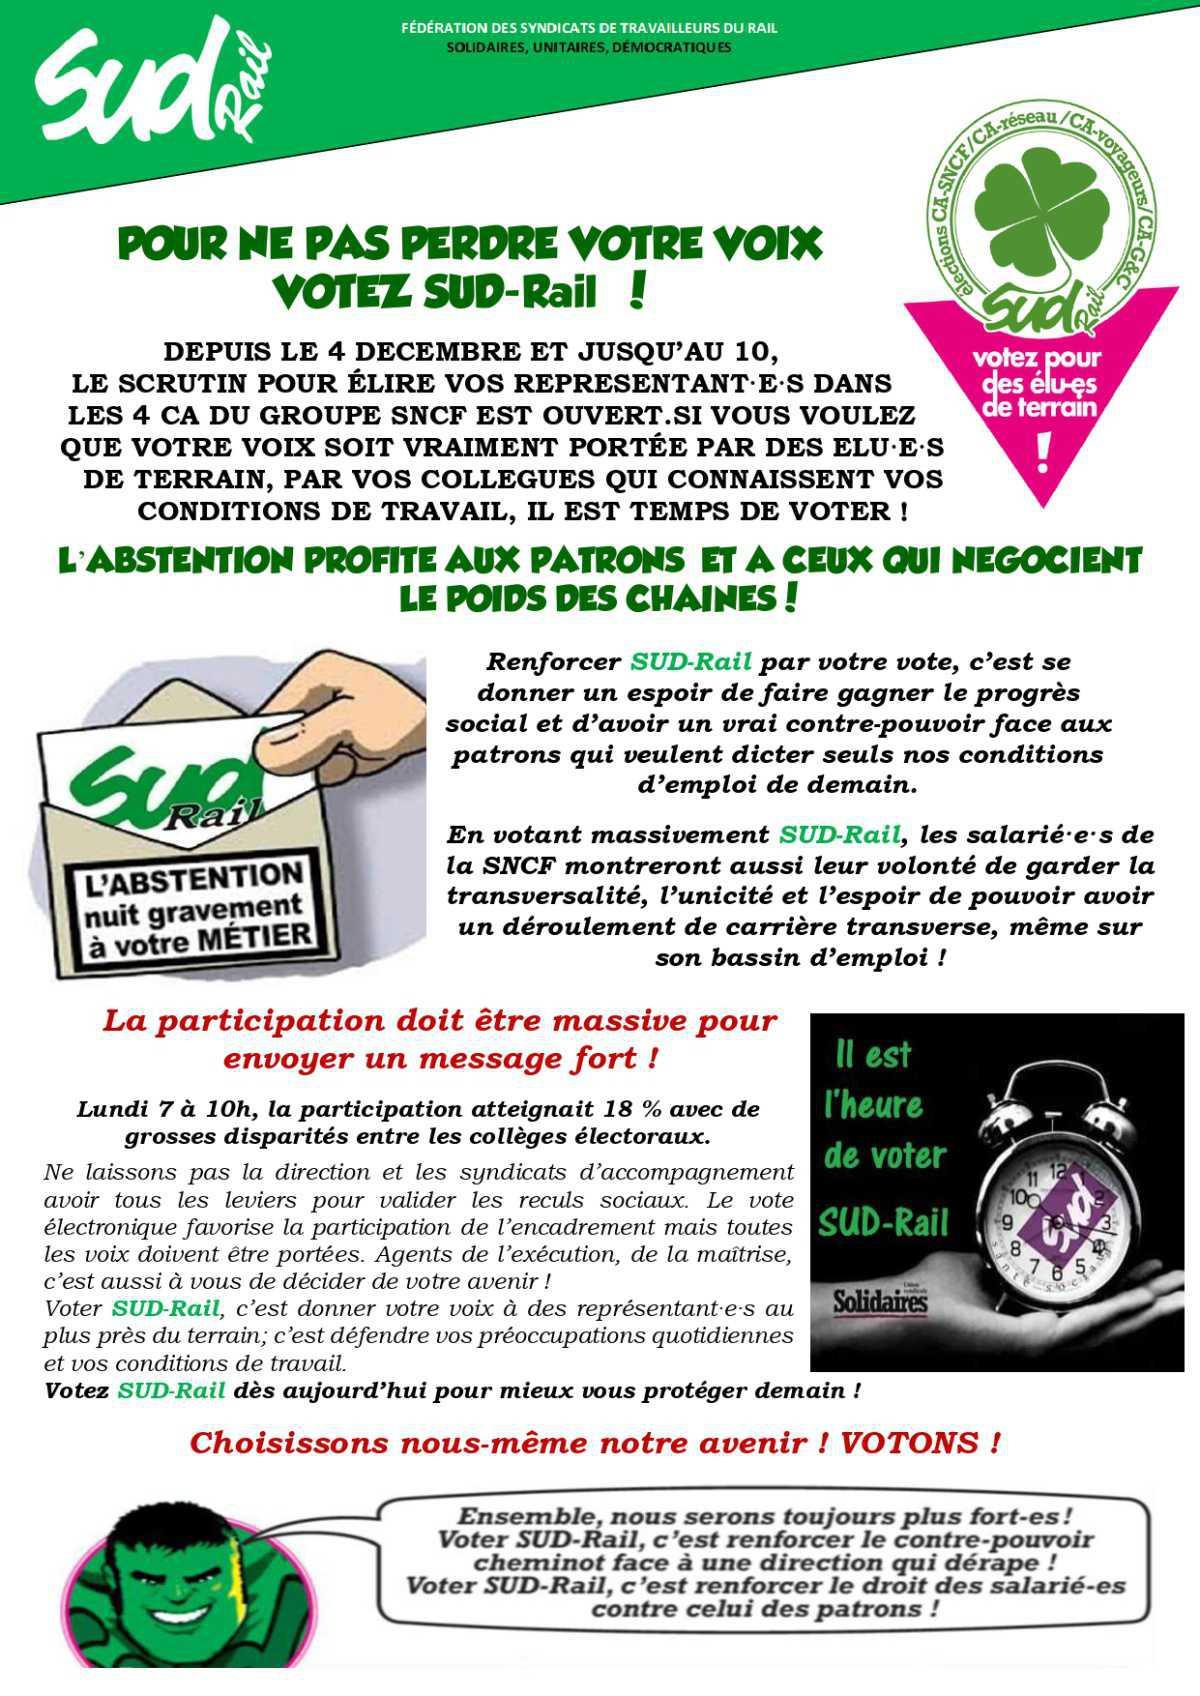 Pour ne pas perdre votre voix, VOTEZ SUD-Rail !